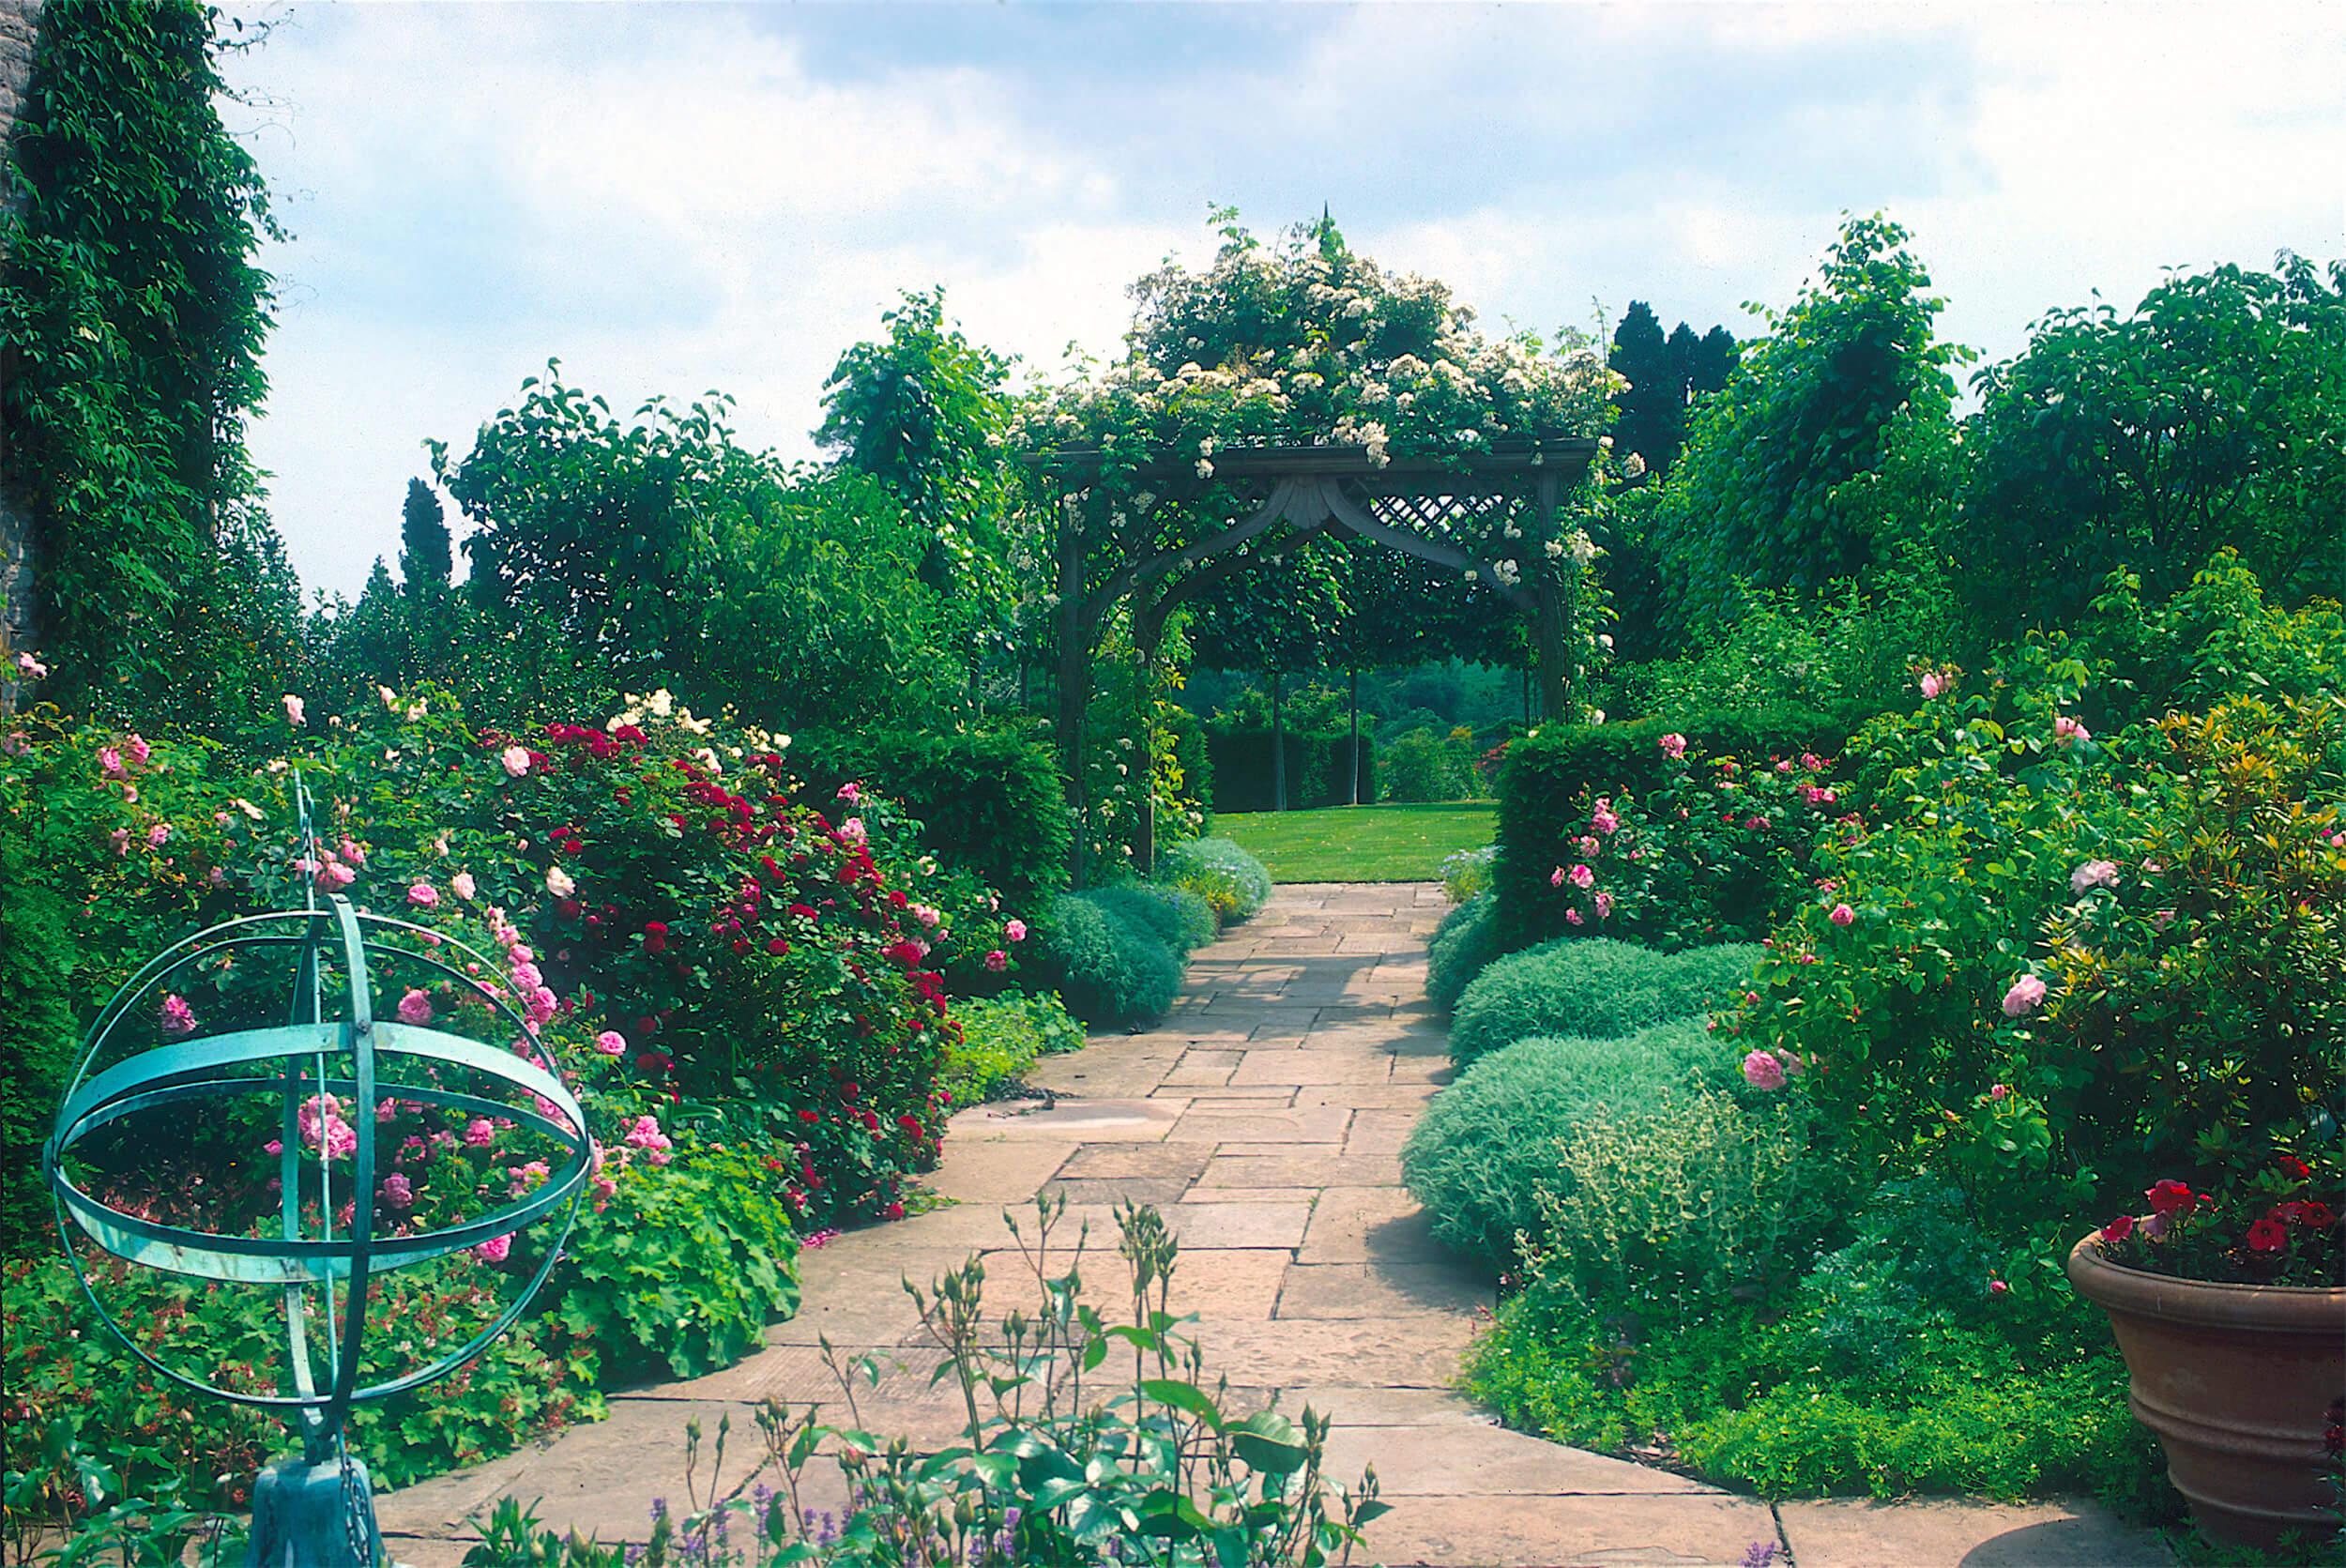 Garden in The Malvern Hills